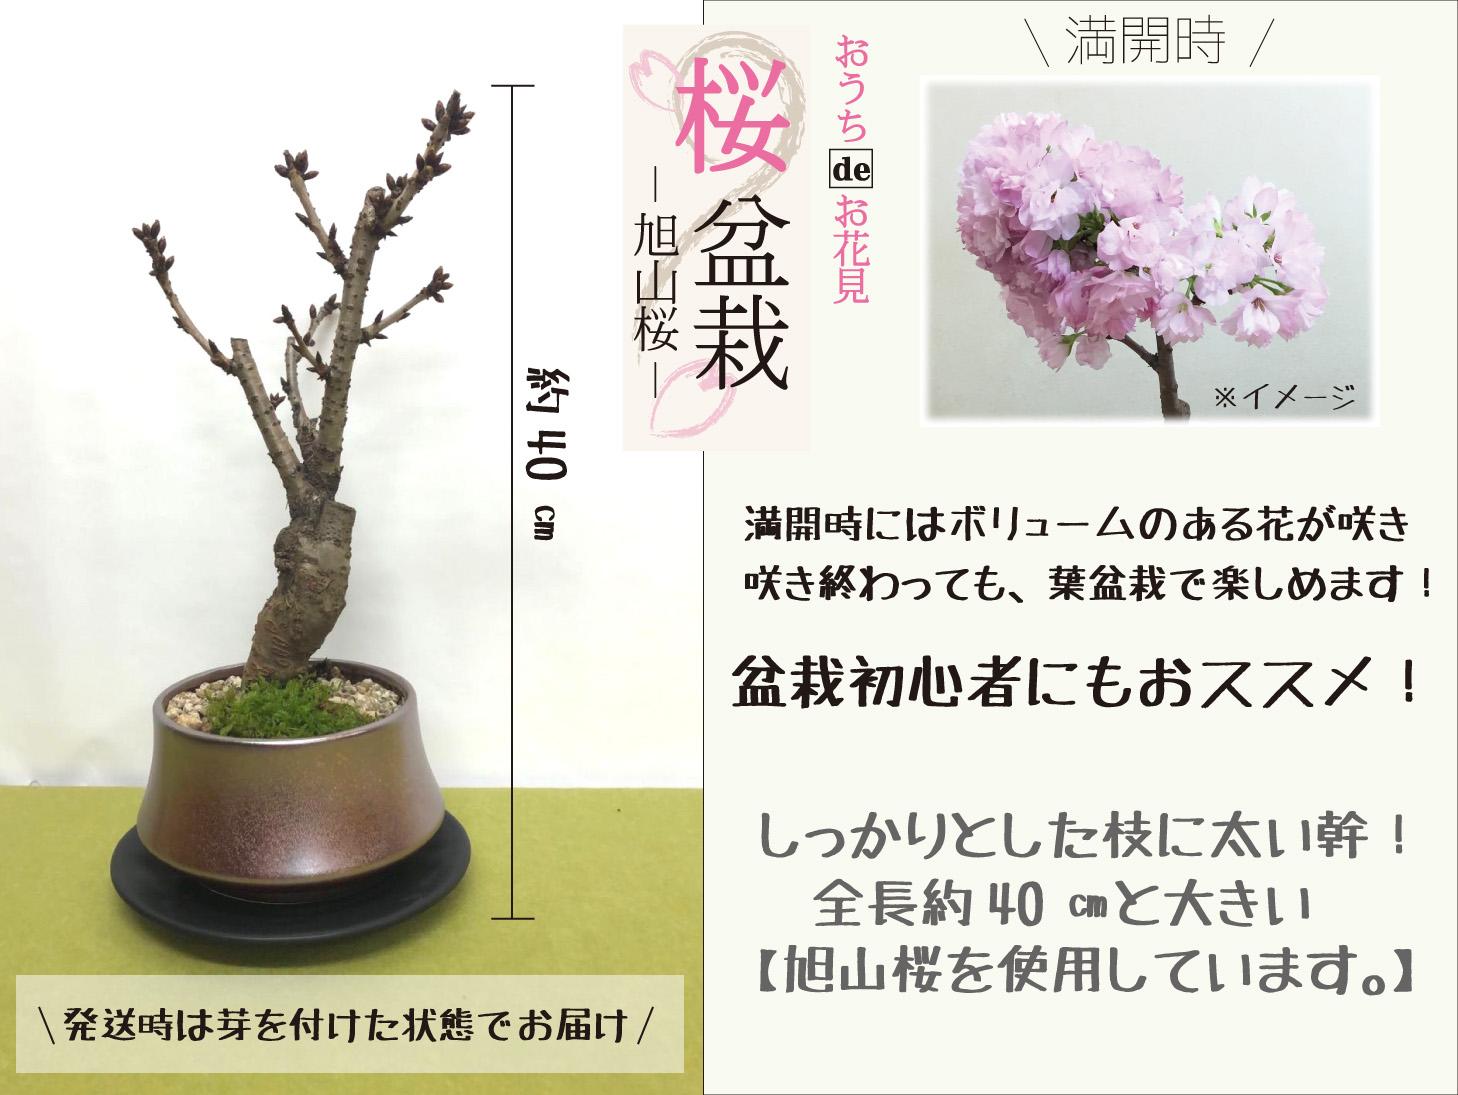 ガーネット釉薬の植木鉢と旭山桜盆栽蕾